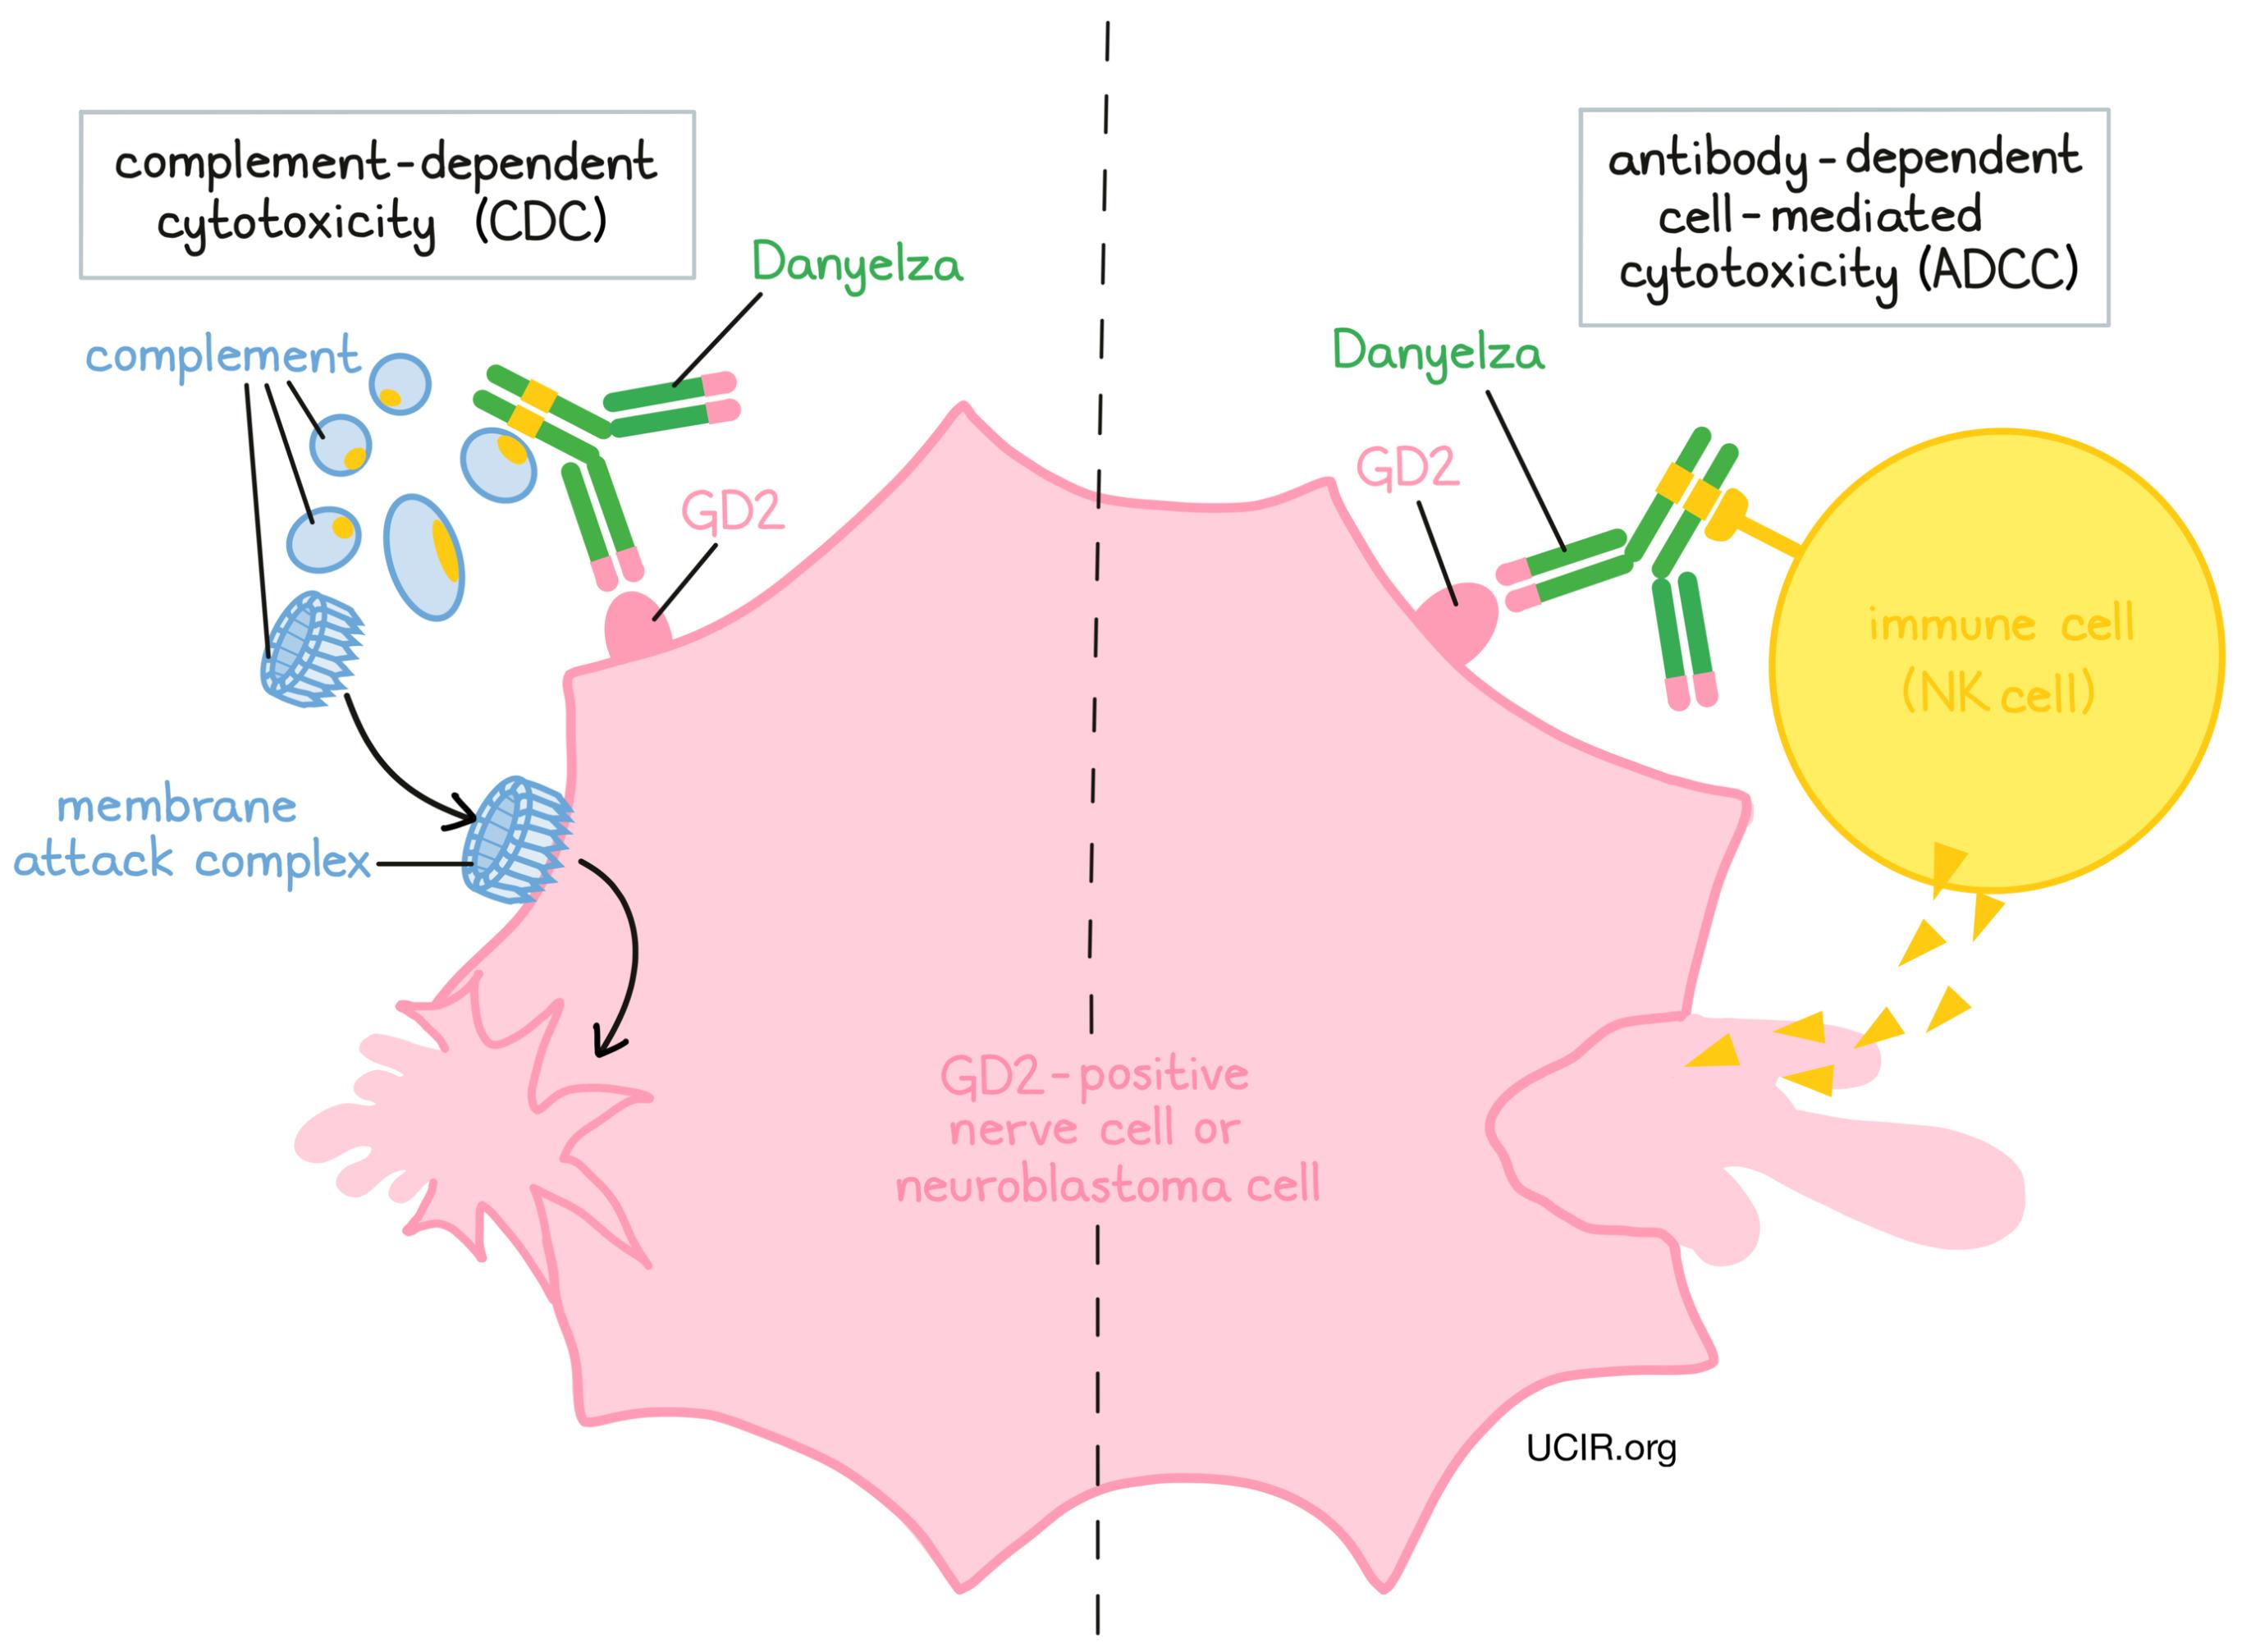 Illustration showing how Danyelza works